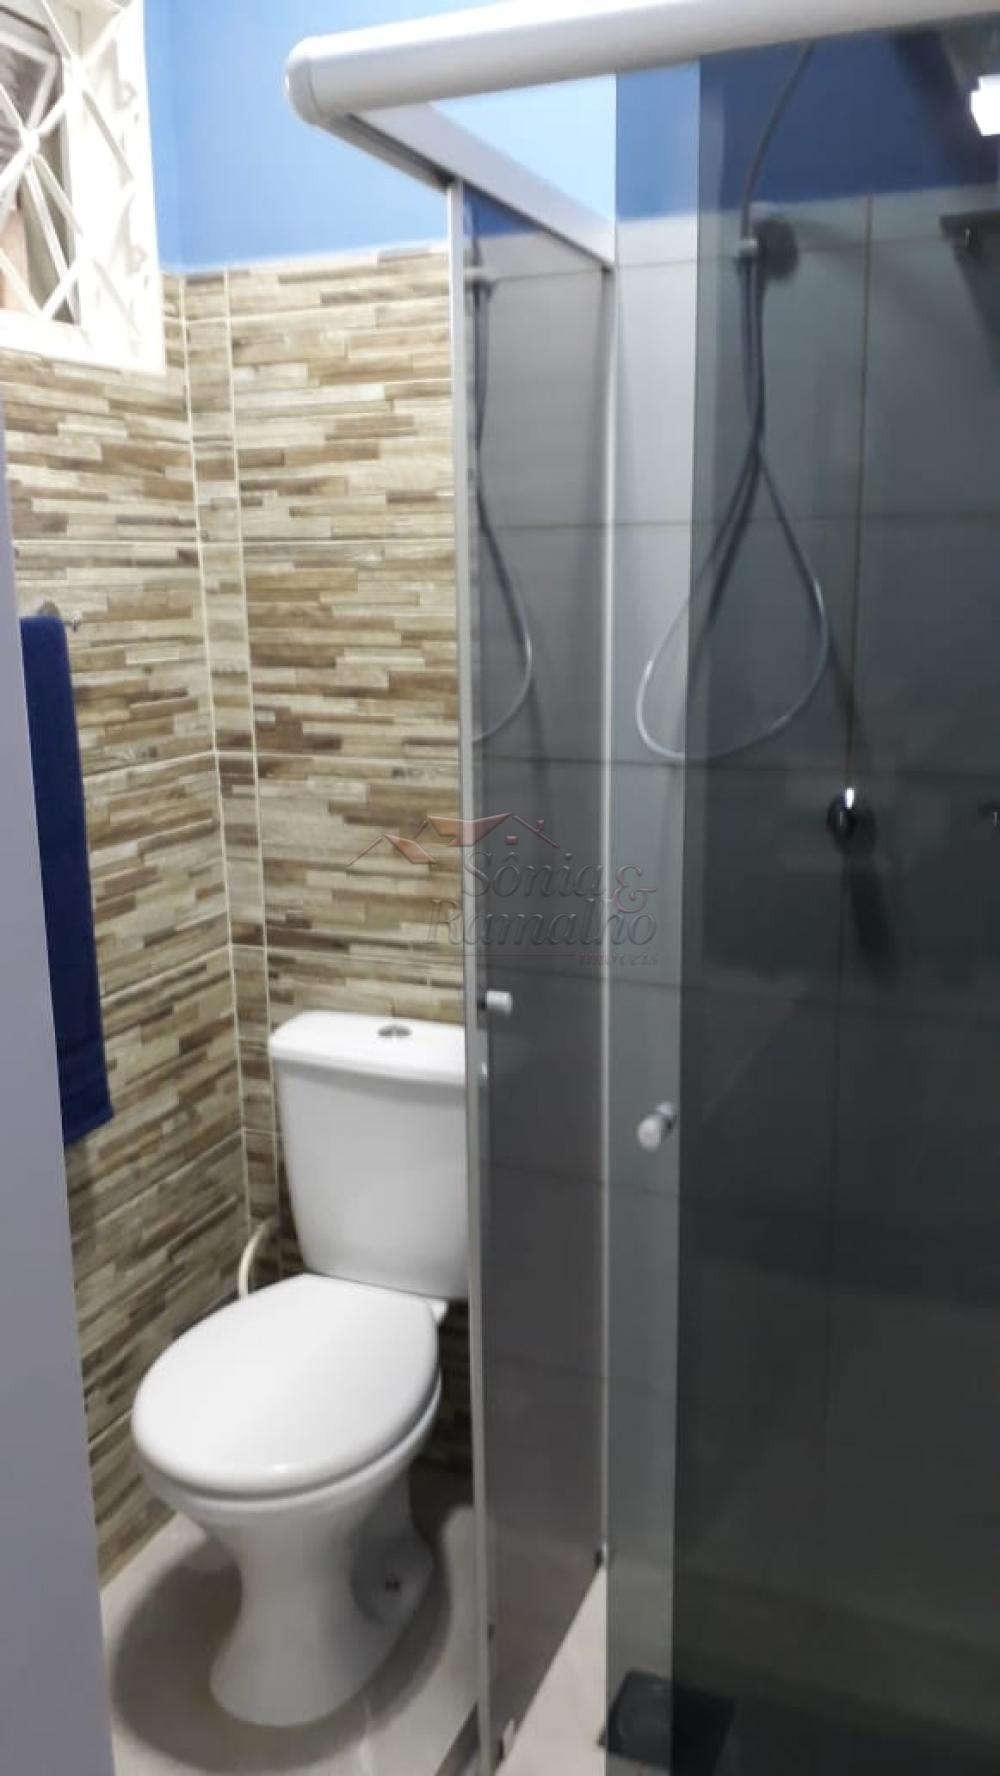 Comprar Casas / Padrão em Ribeirão Preto apenas R$ 404.000,00 - Foto 16